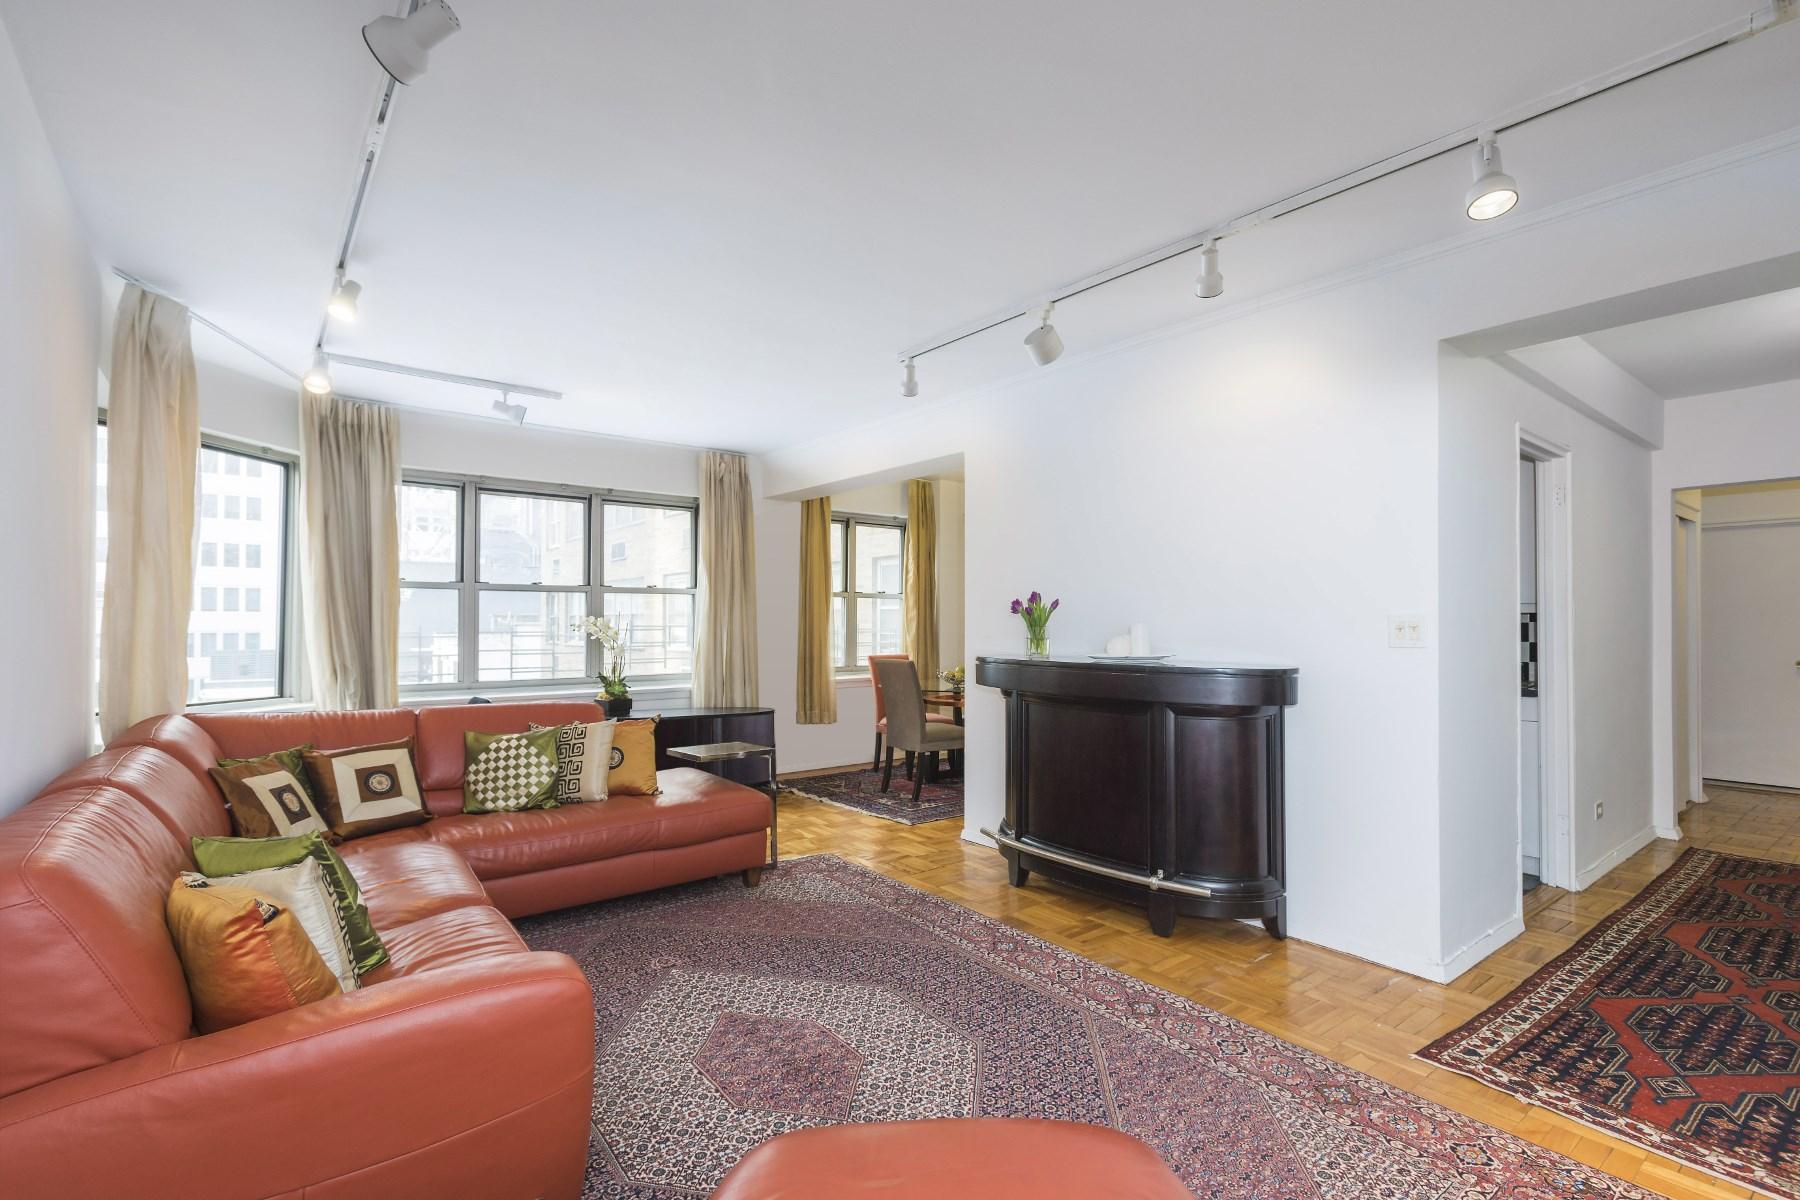 Condomínio para Venda às 80 Park Avenue, Apt. 9P 80 Park Avenue Apt 9p Murray Hill, New York, Nova York 10016 Estados Unidos